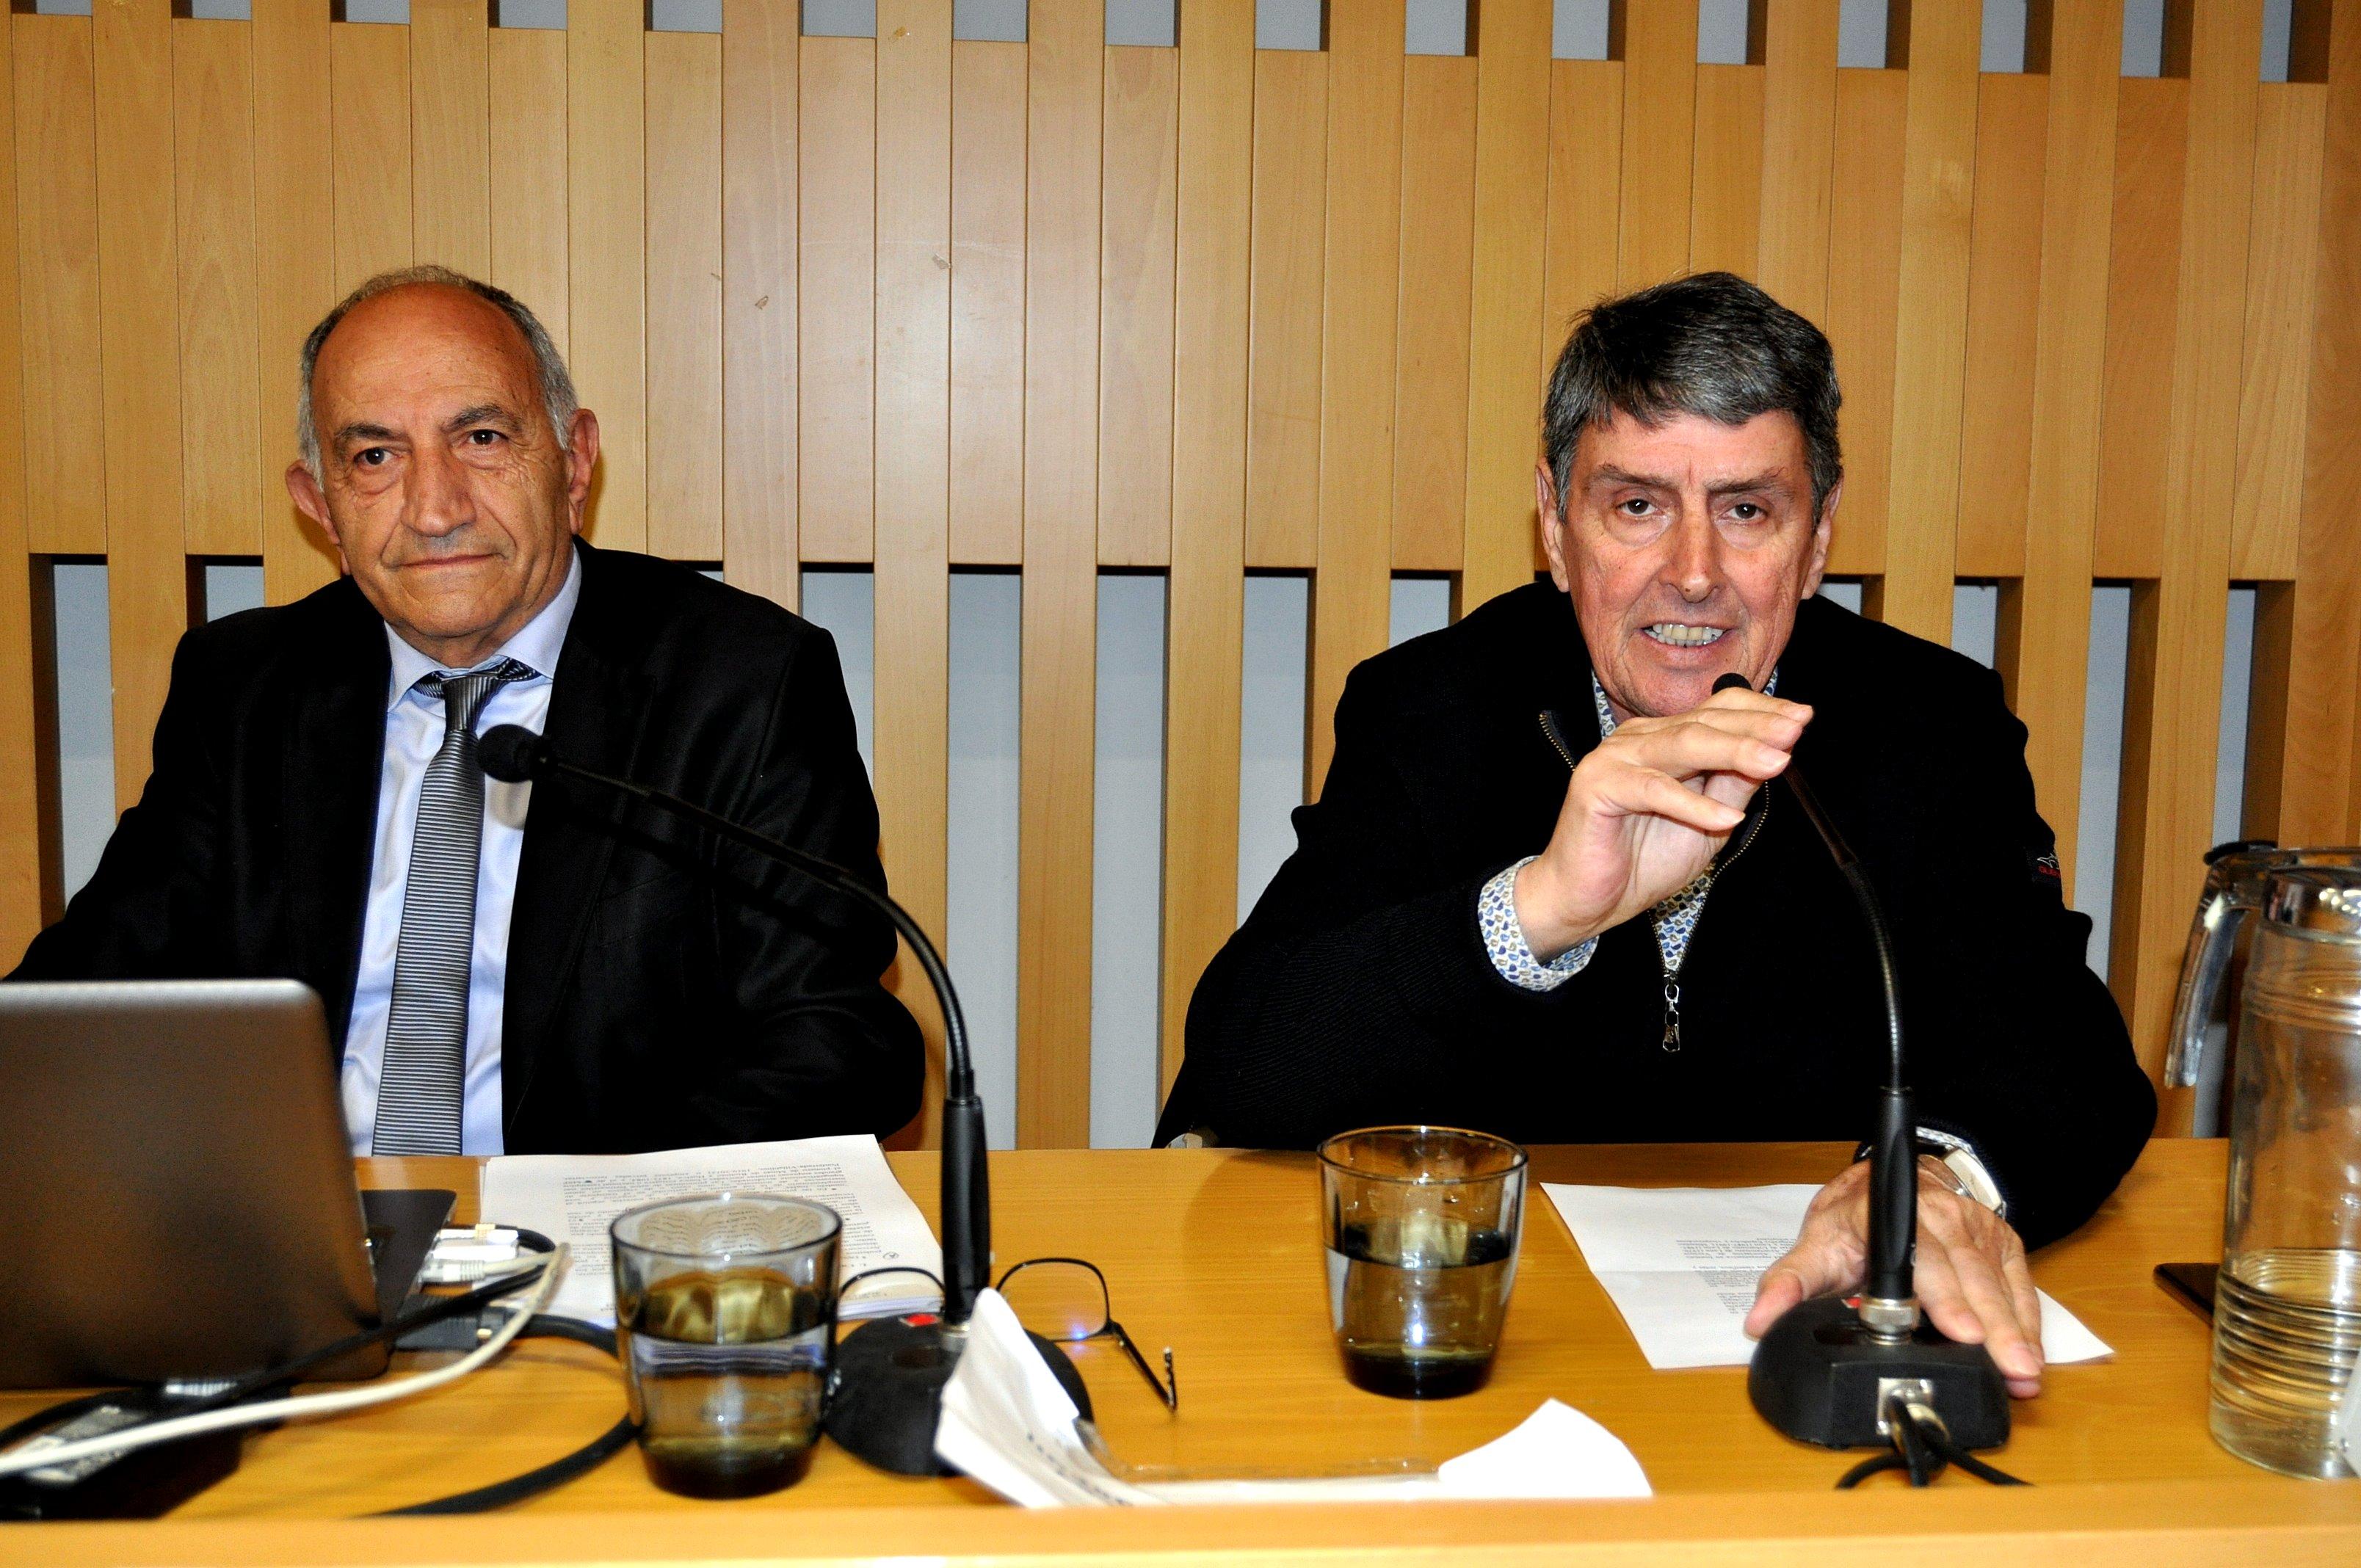 Graciliano Palomo, del Patronato de Sierra Pambley, presenta al conferenciante.